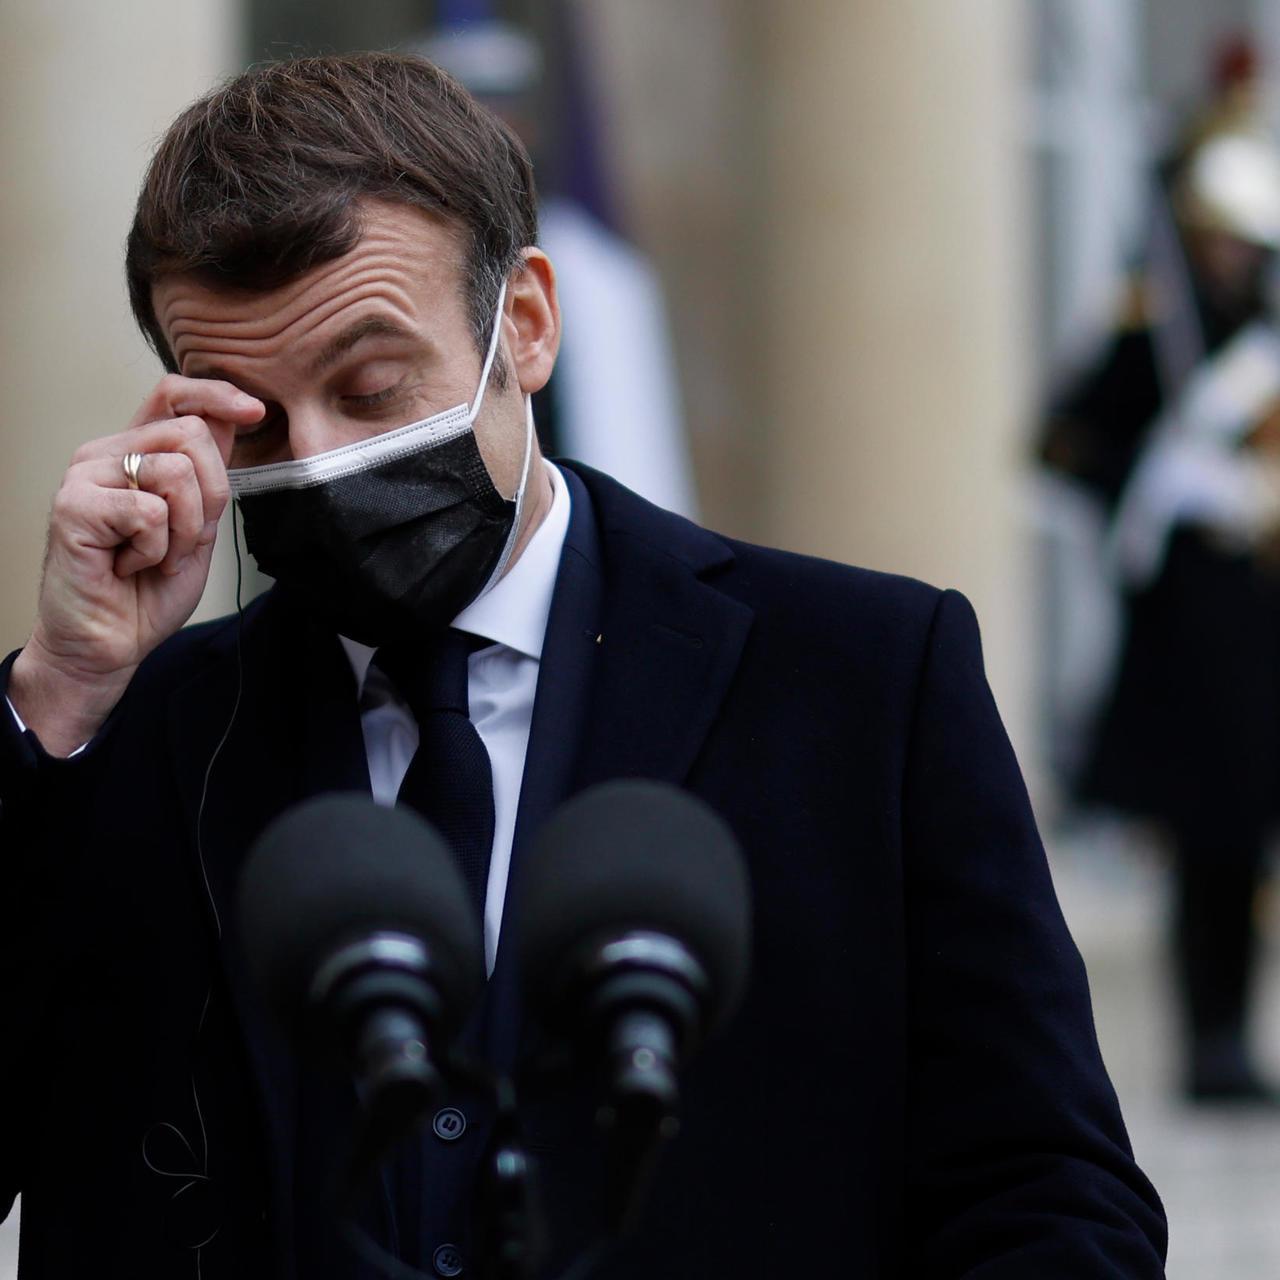 Coronavirus: Emmanuel Macron da positivo al COVID-19; EE.UU. rompe récords con 250.000 casos en un mismo día